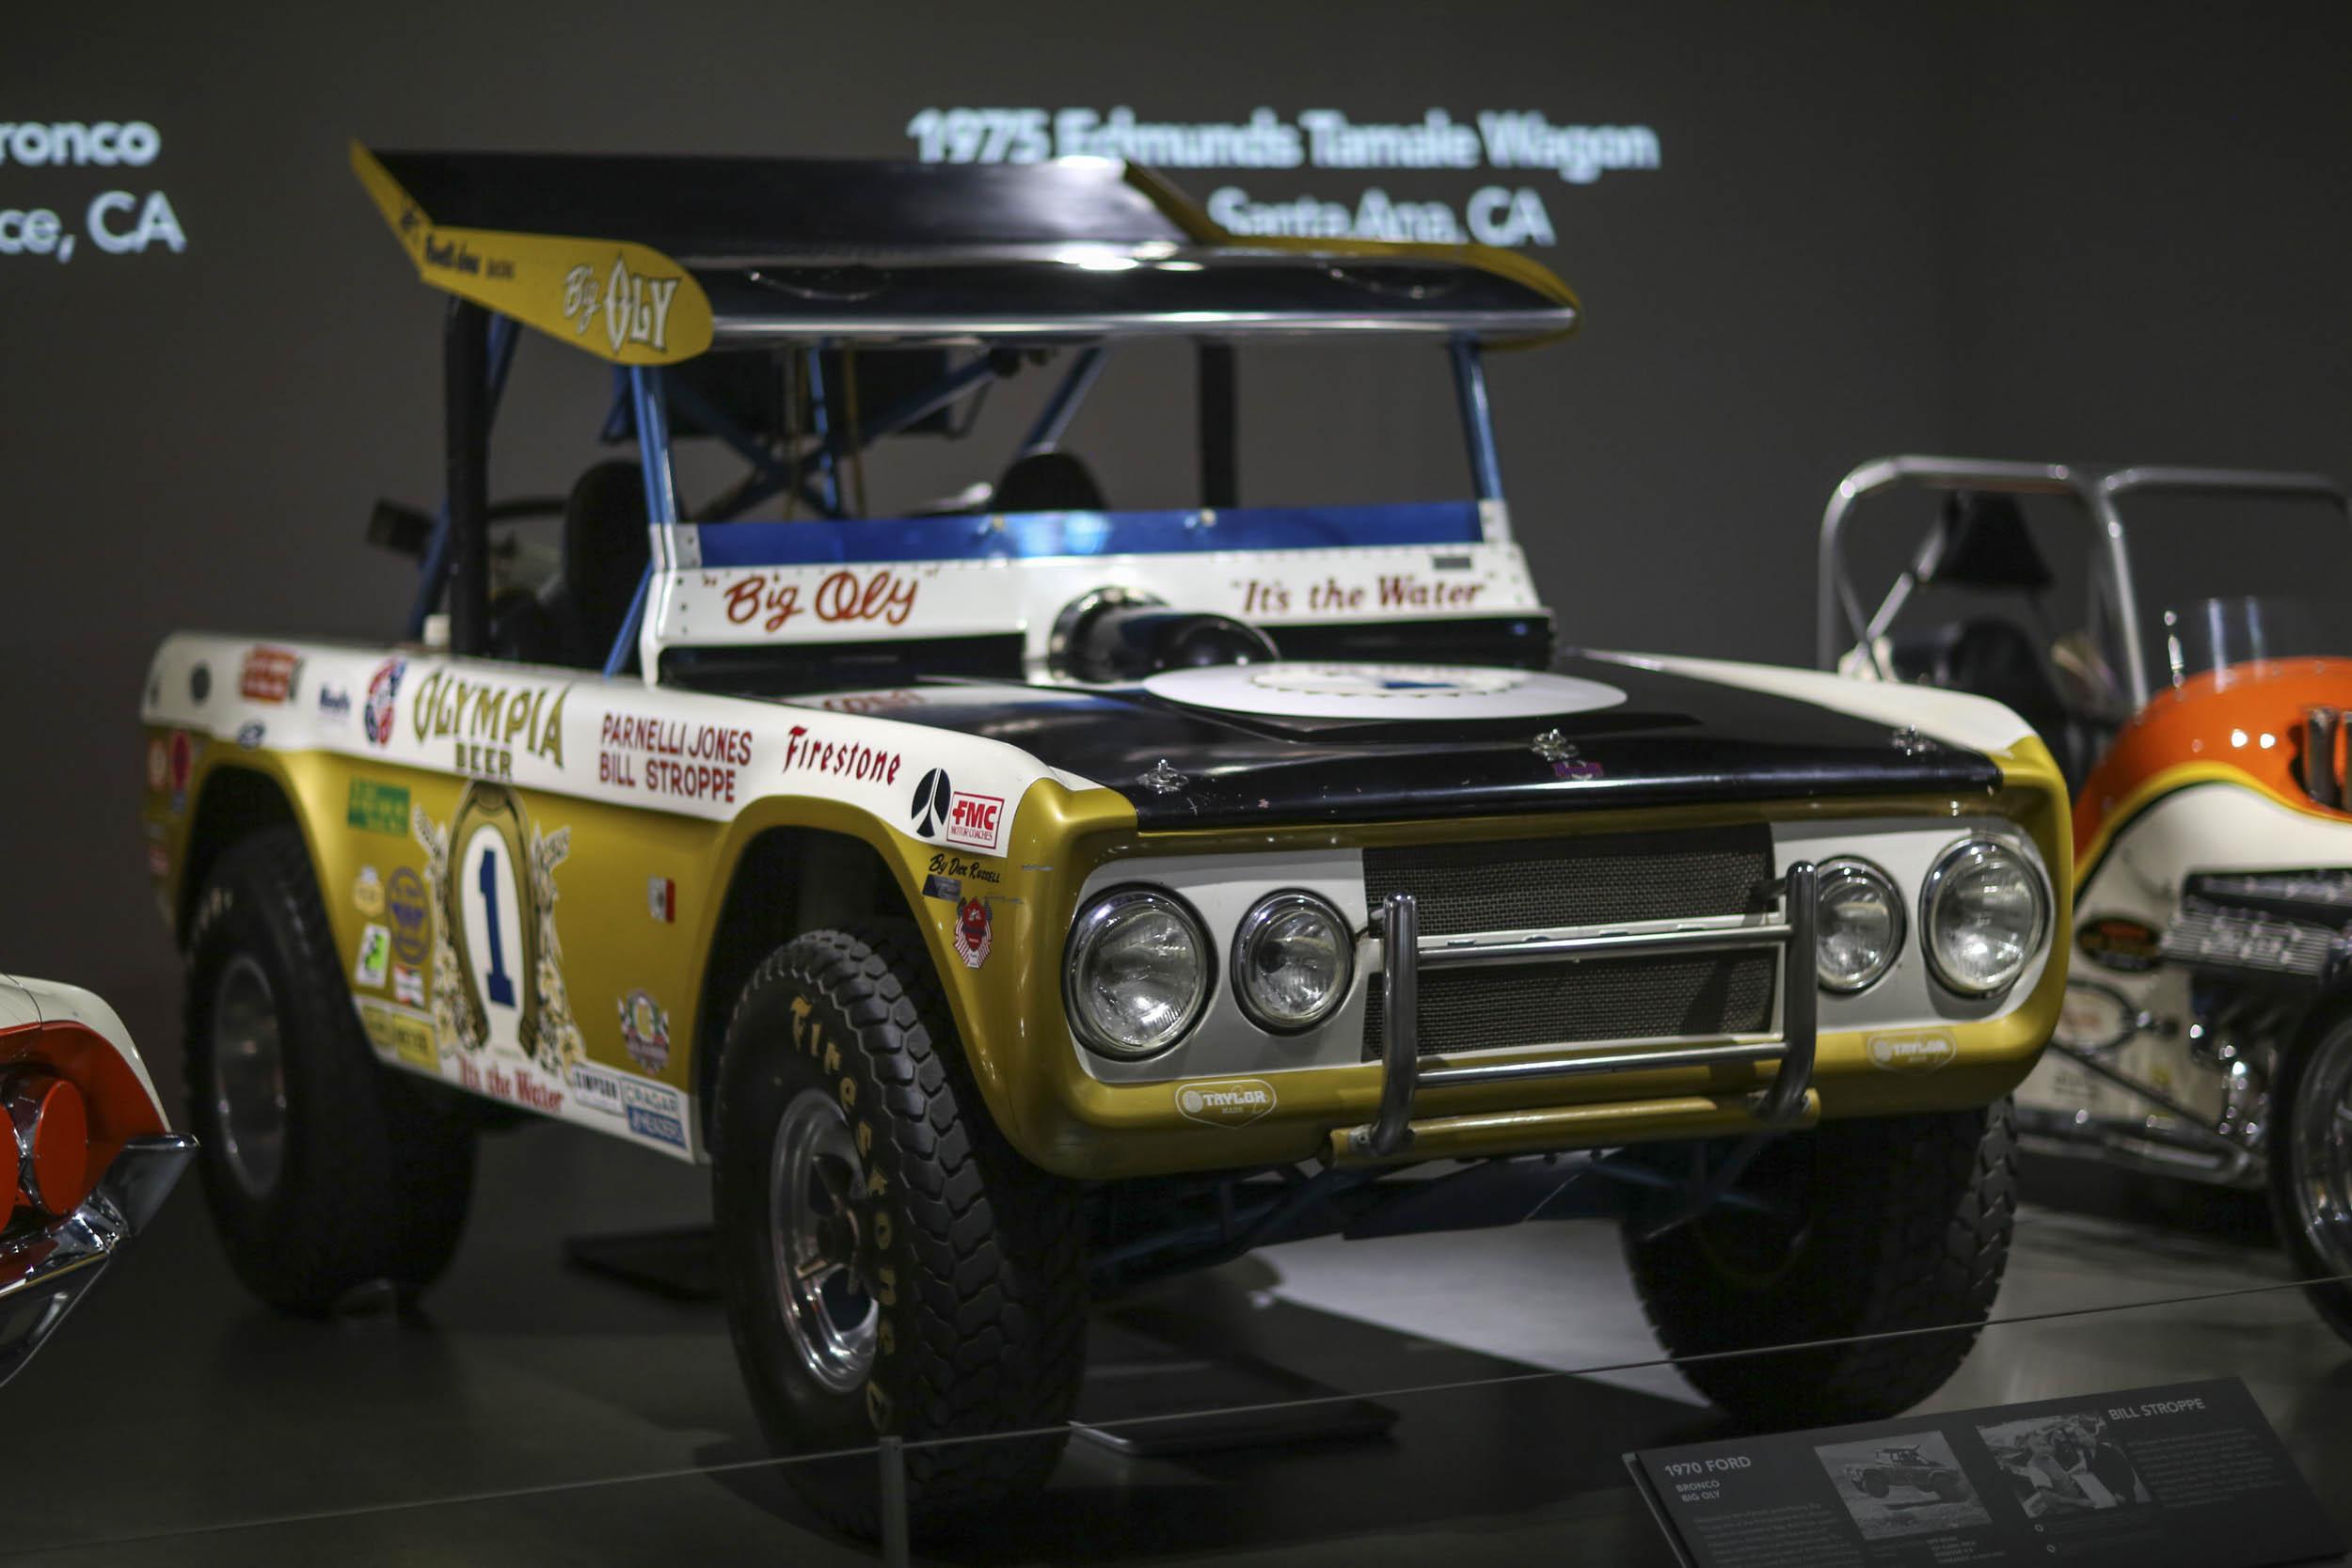 Racing legend Parnelli Jones celebrated at Petersen Museum